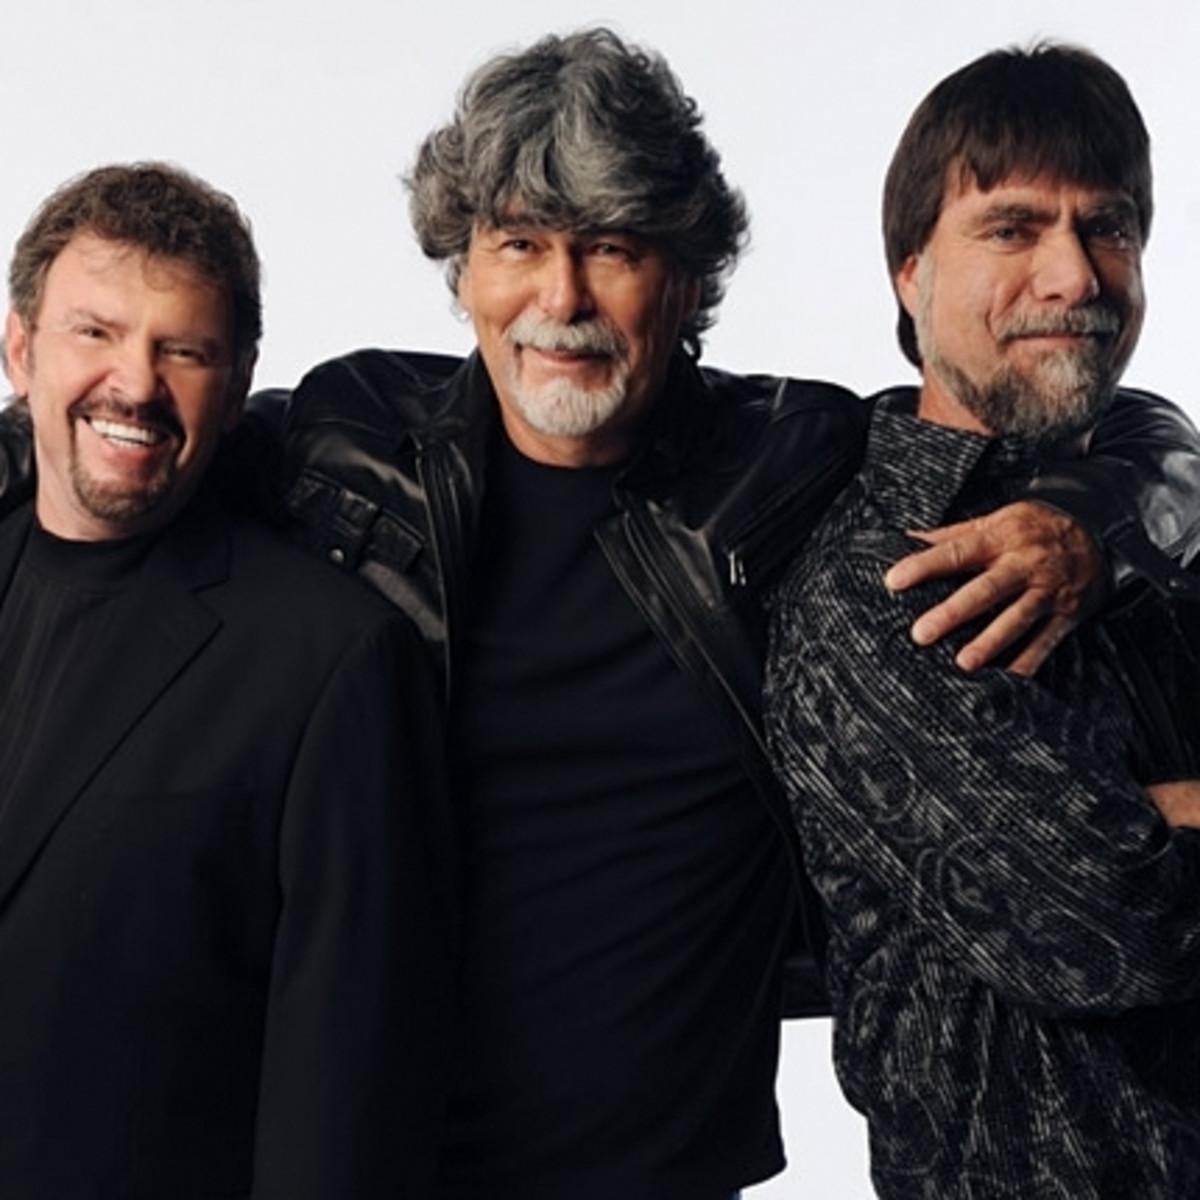 Houston, Alabama country band, October 2017